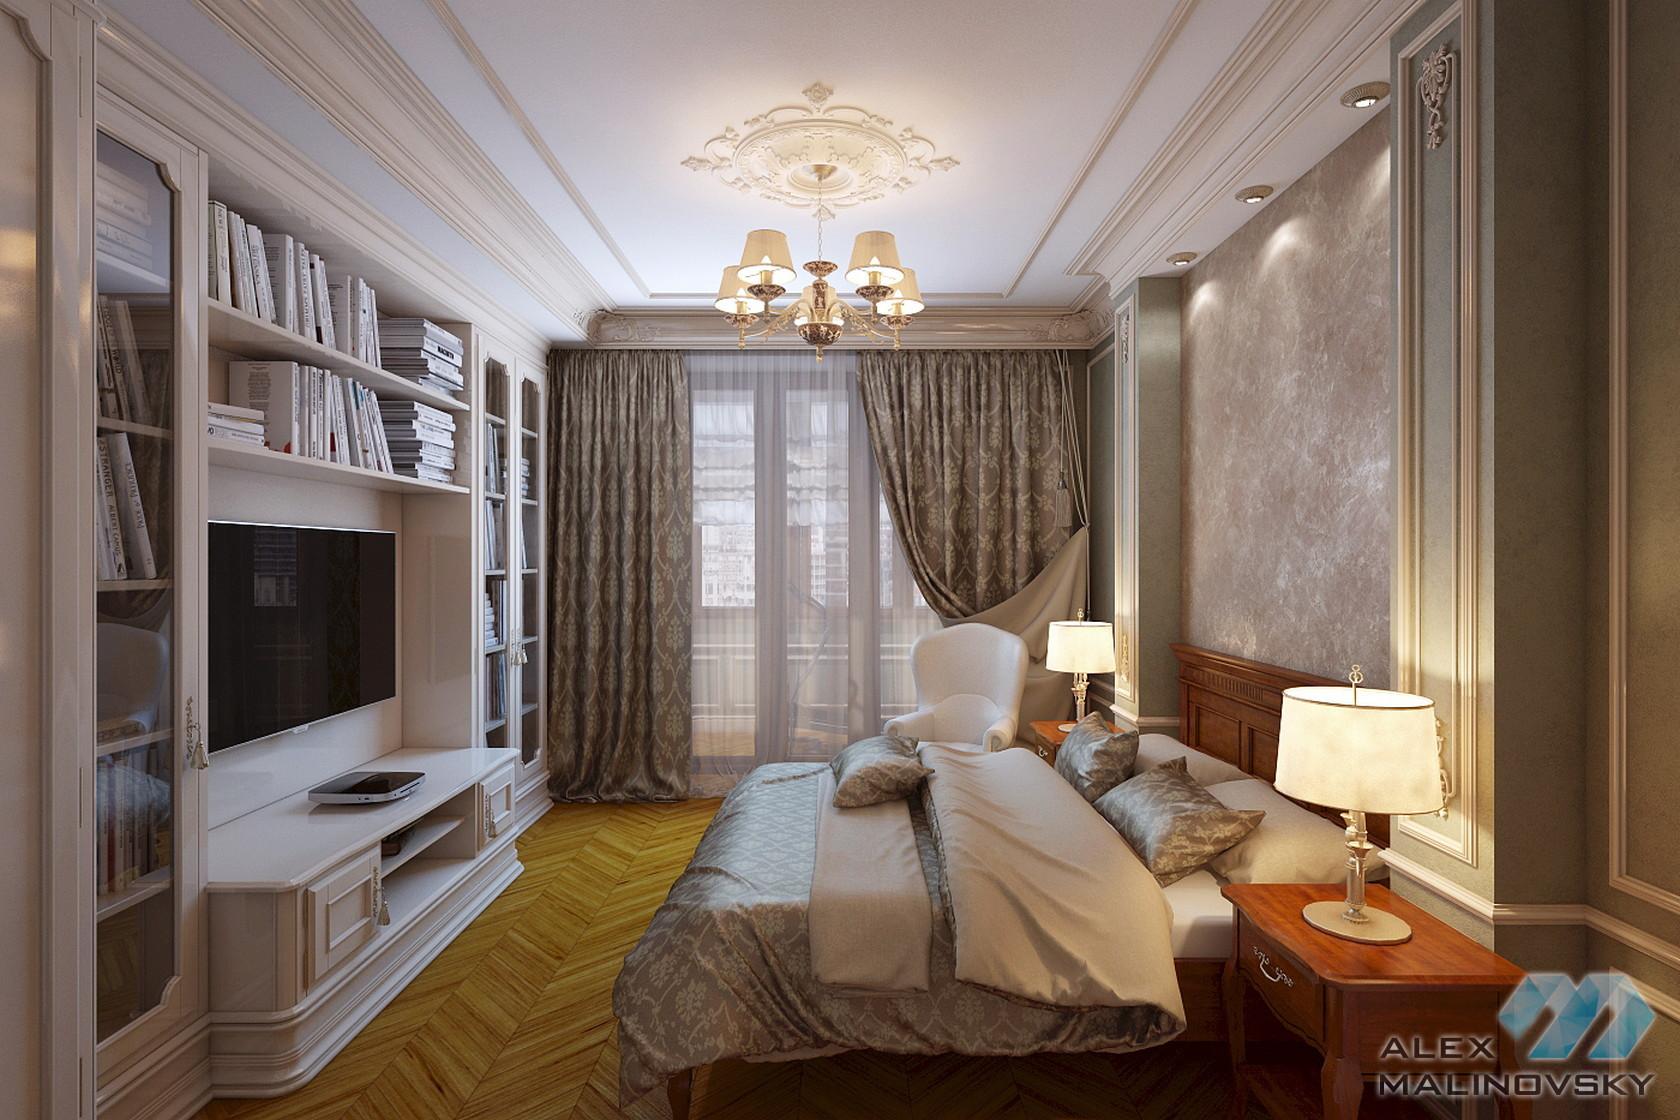 Спальня 1, 3х комнатная квартира, Старый Арбат, Москва